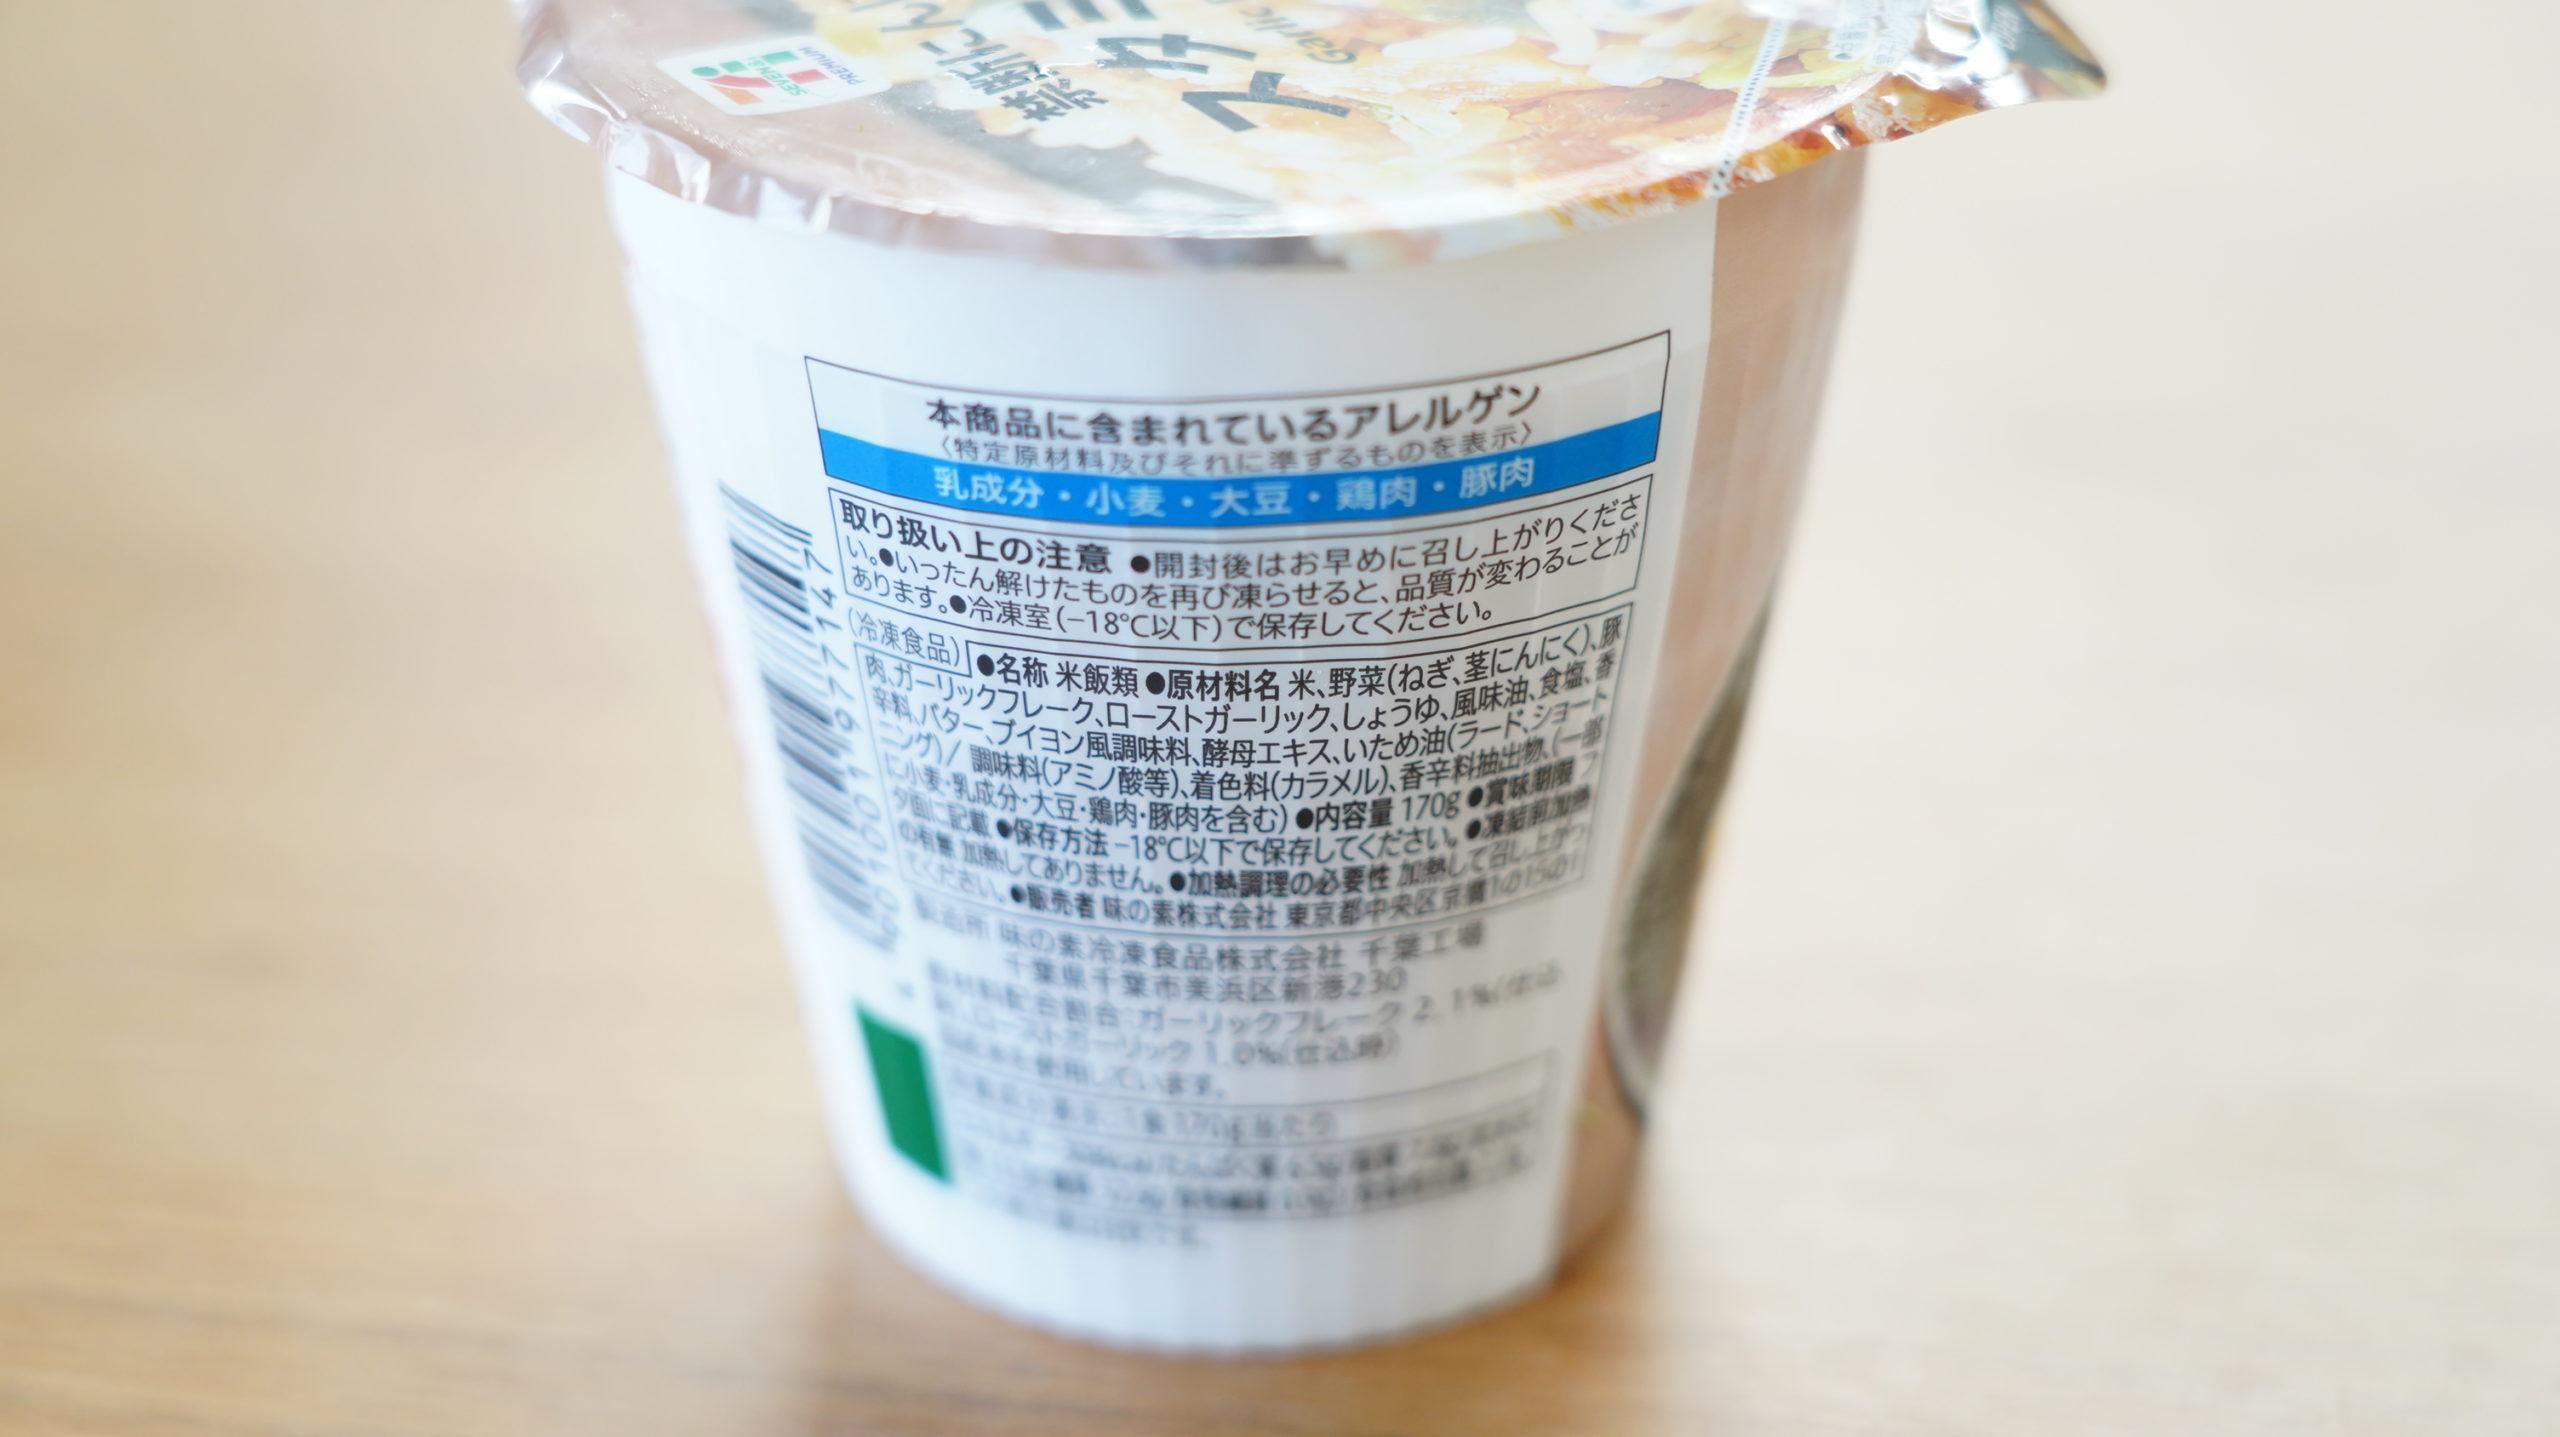 セブンイレブンの冷凍食品「禁断にんにくスタミナ飯」のパッケージ裏面の写真